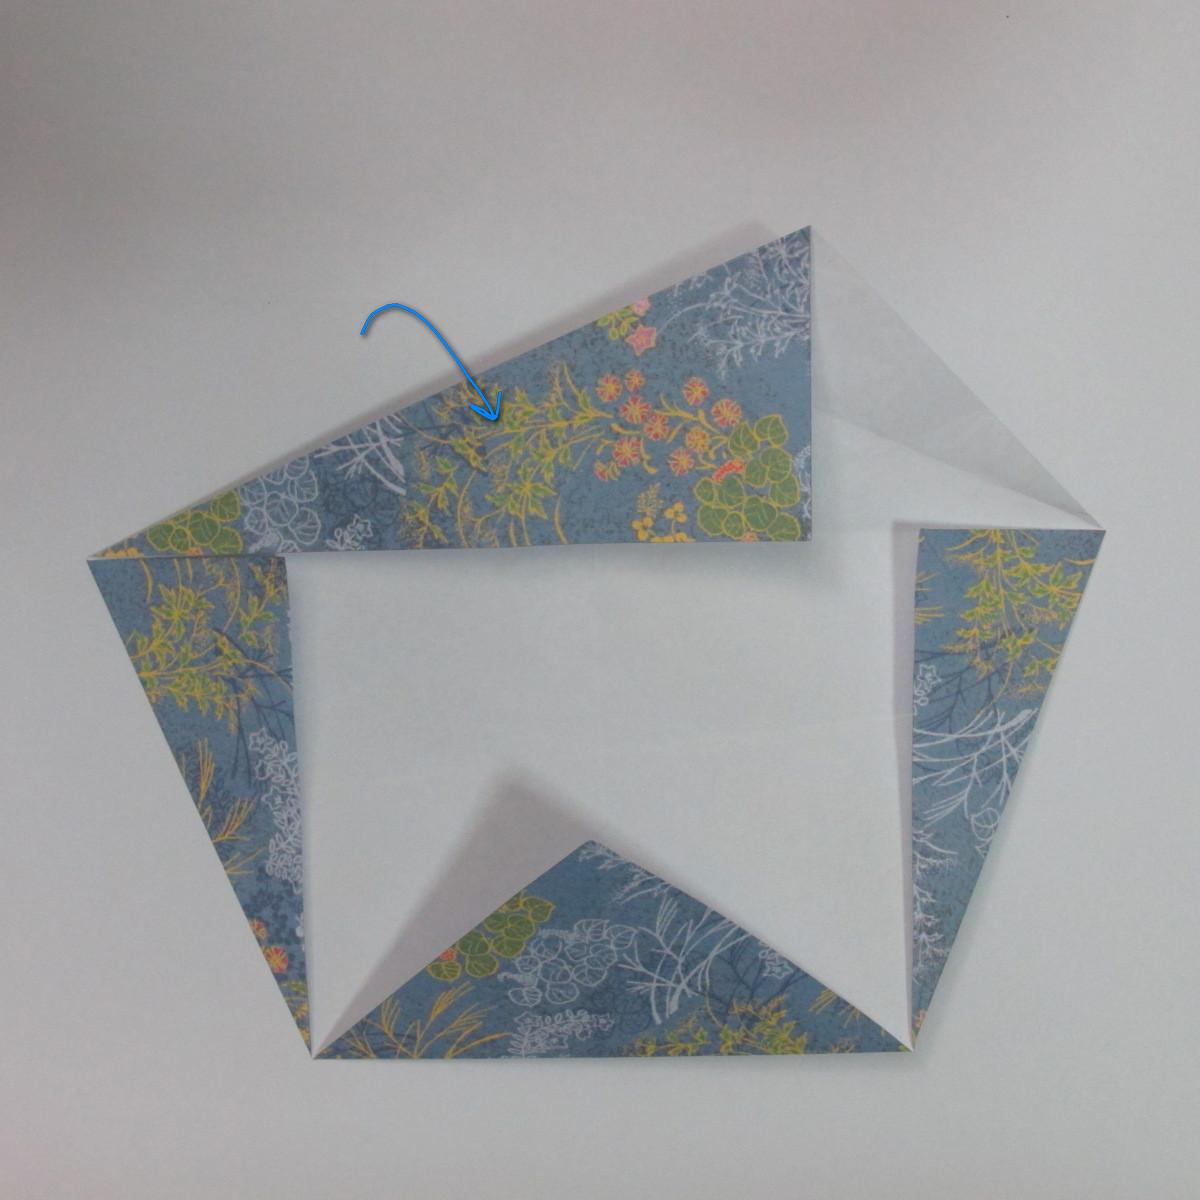 วิธีการพับกระดาษเป็นรูปม้า (Origami Horse) 015